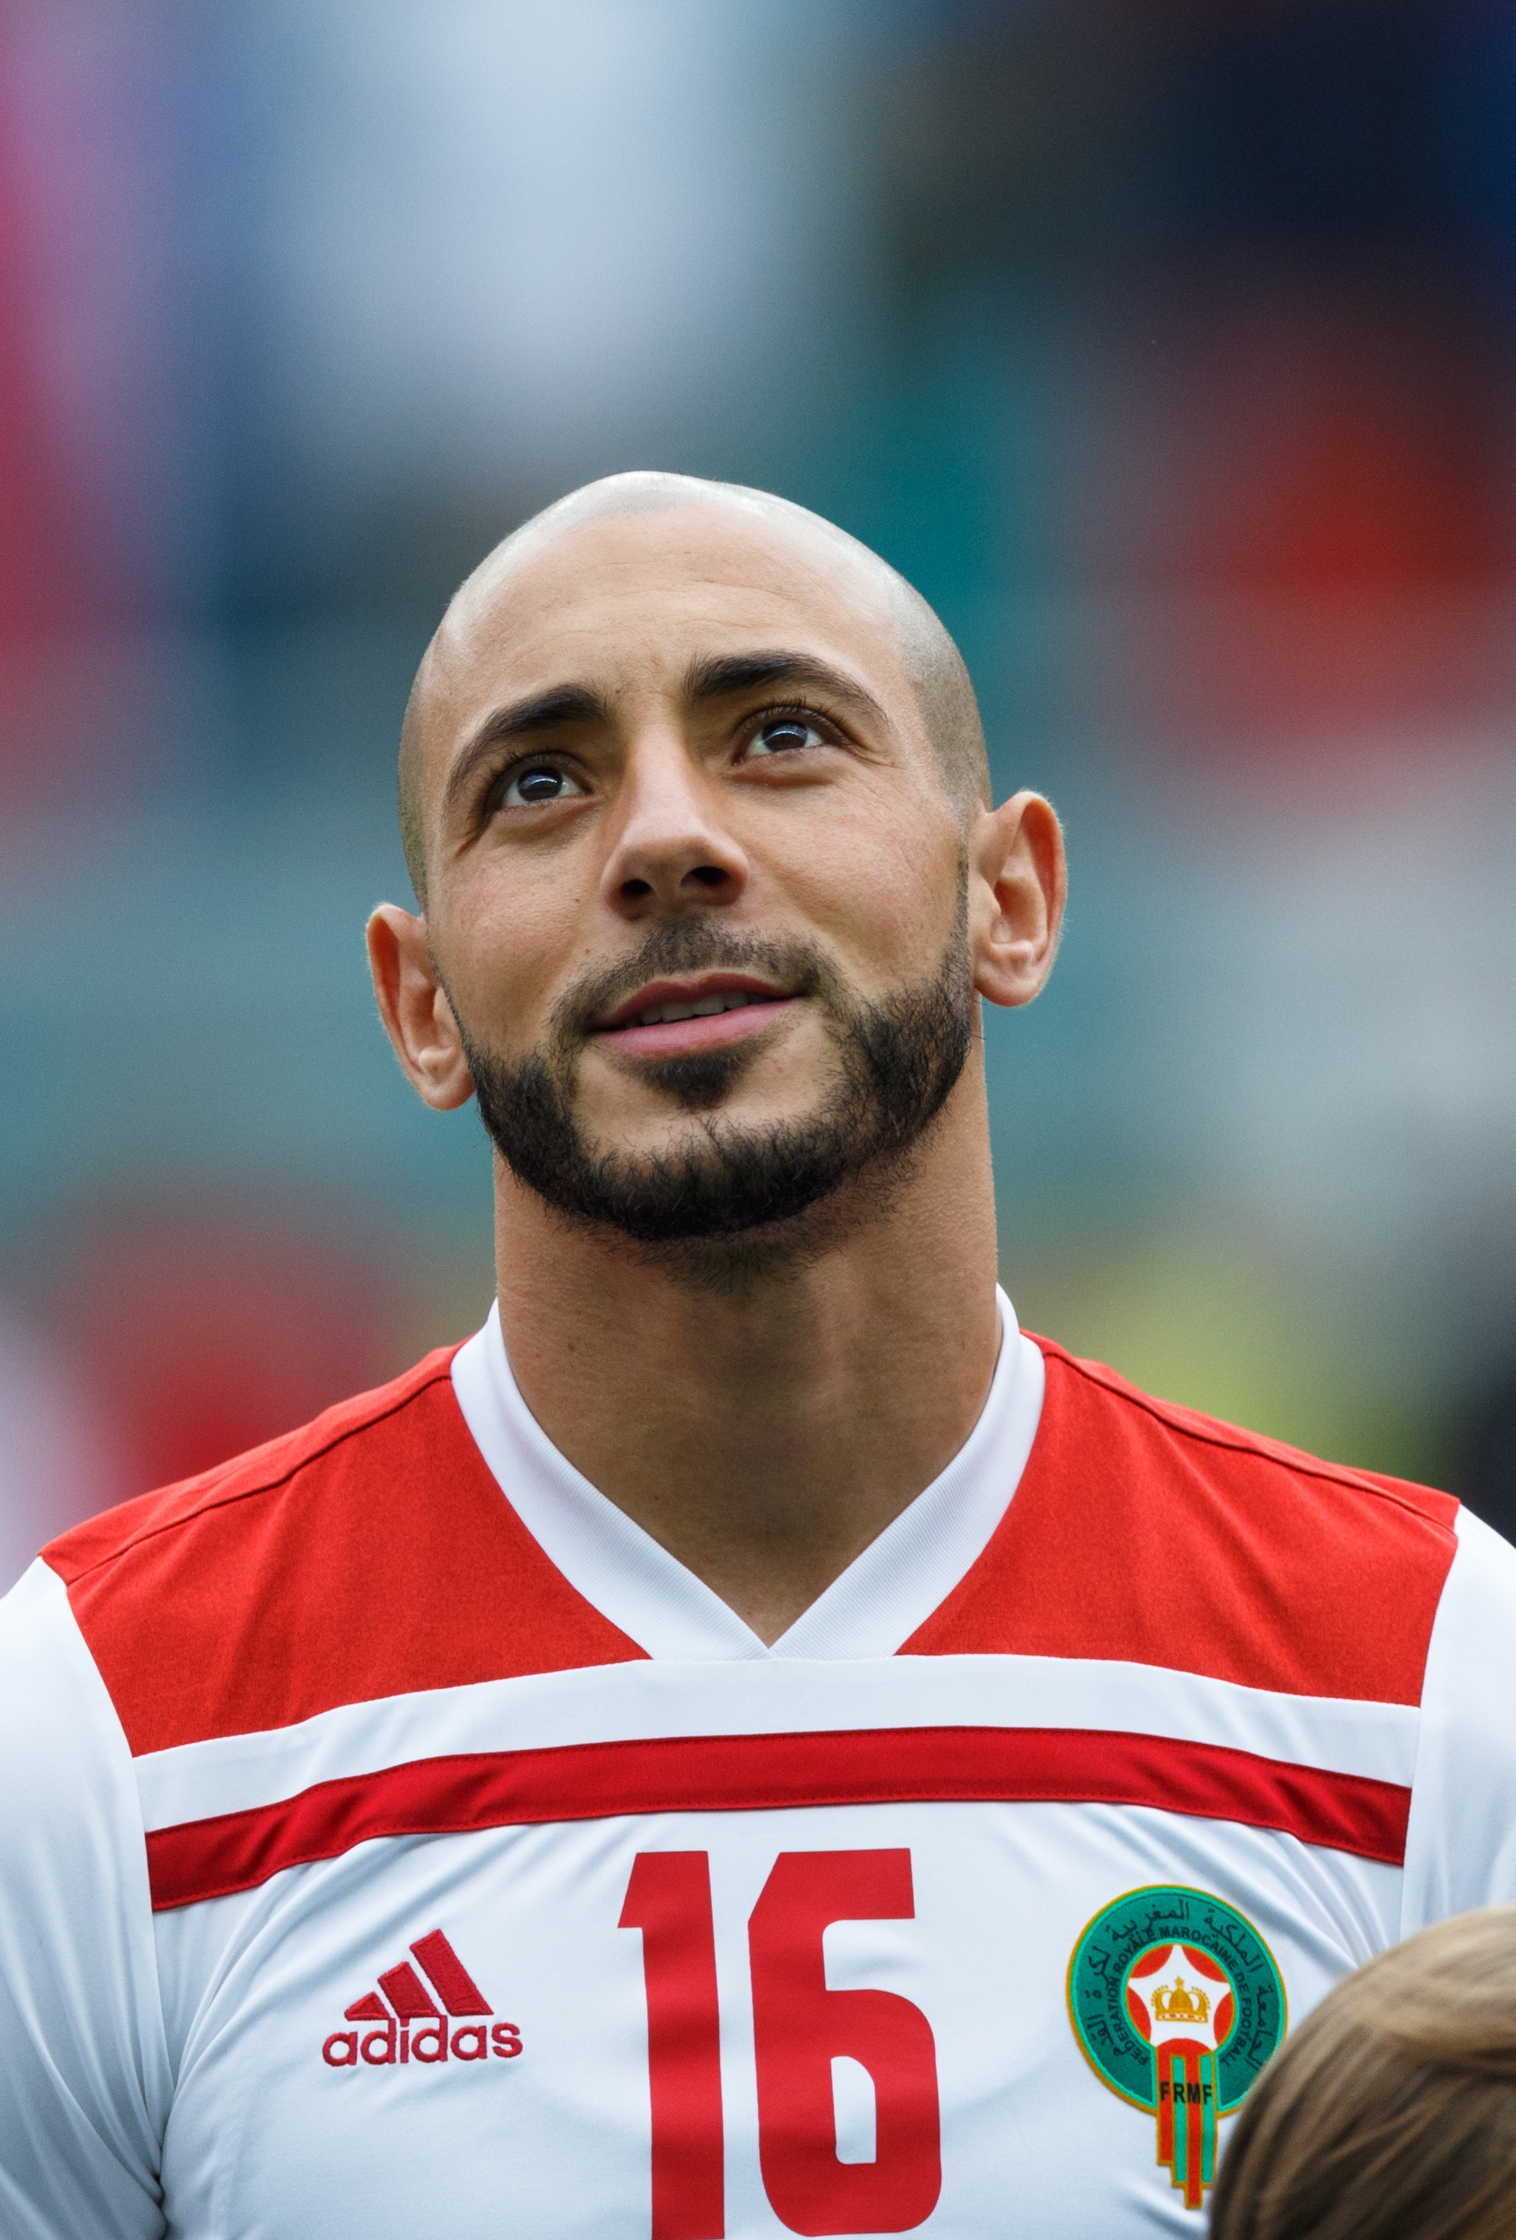 Mundial 2018: Marrocos diz que seguiu protocolo e Amrabat em dúvida para jogo com Portugal